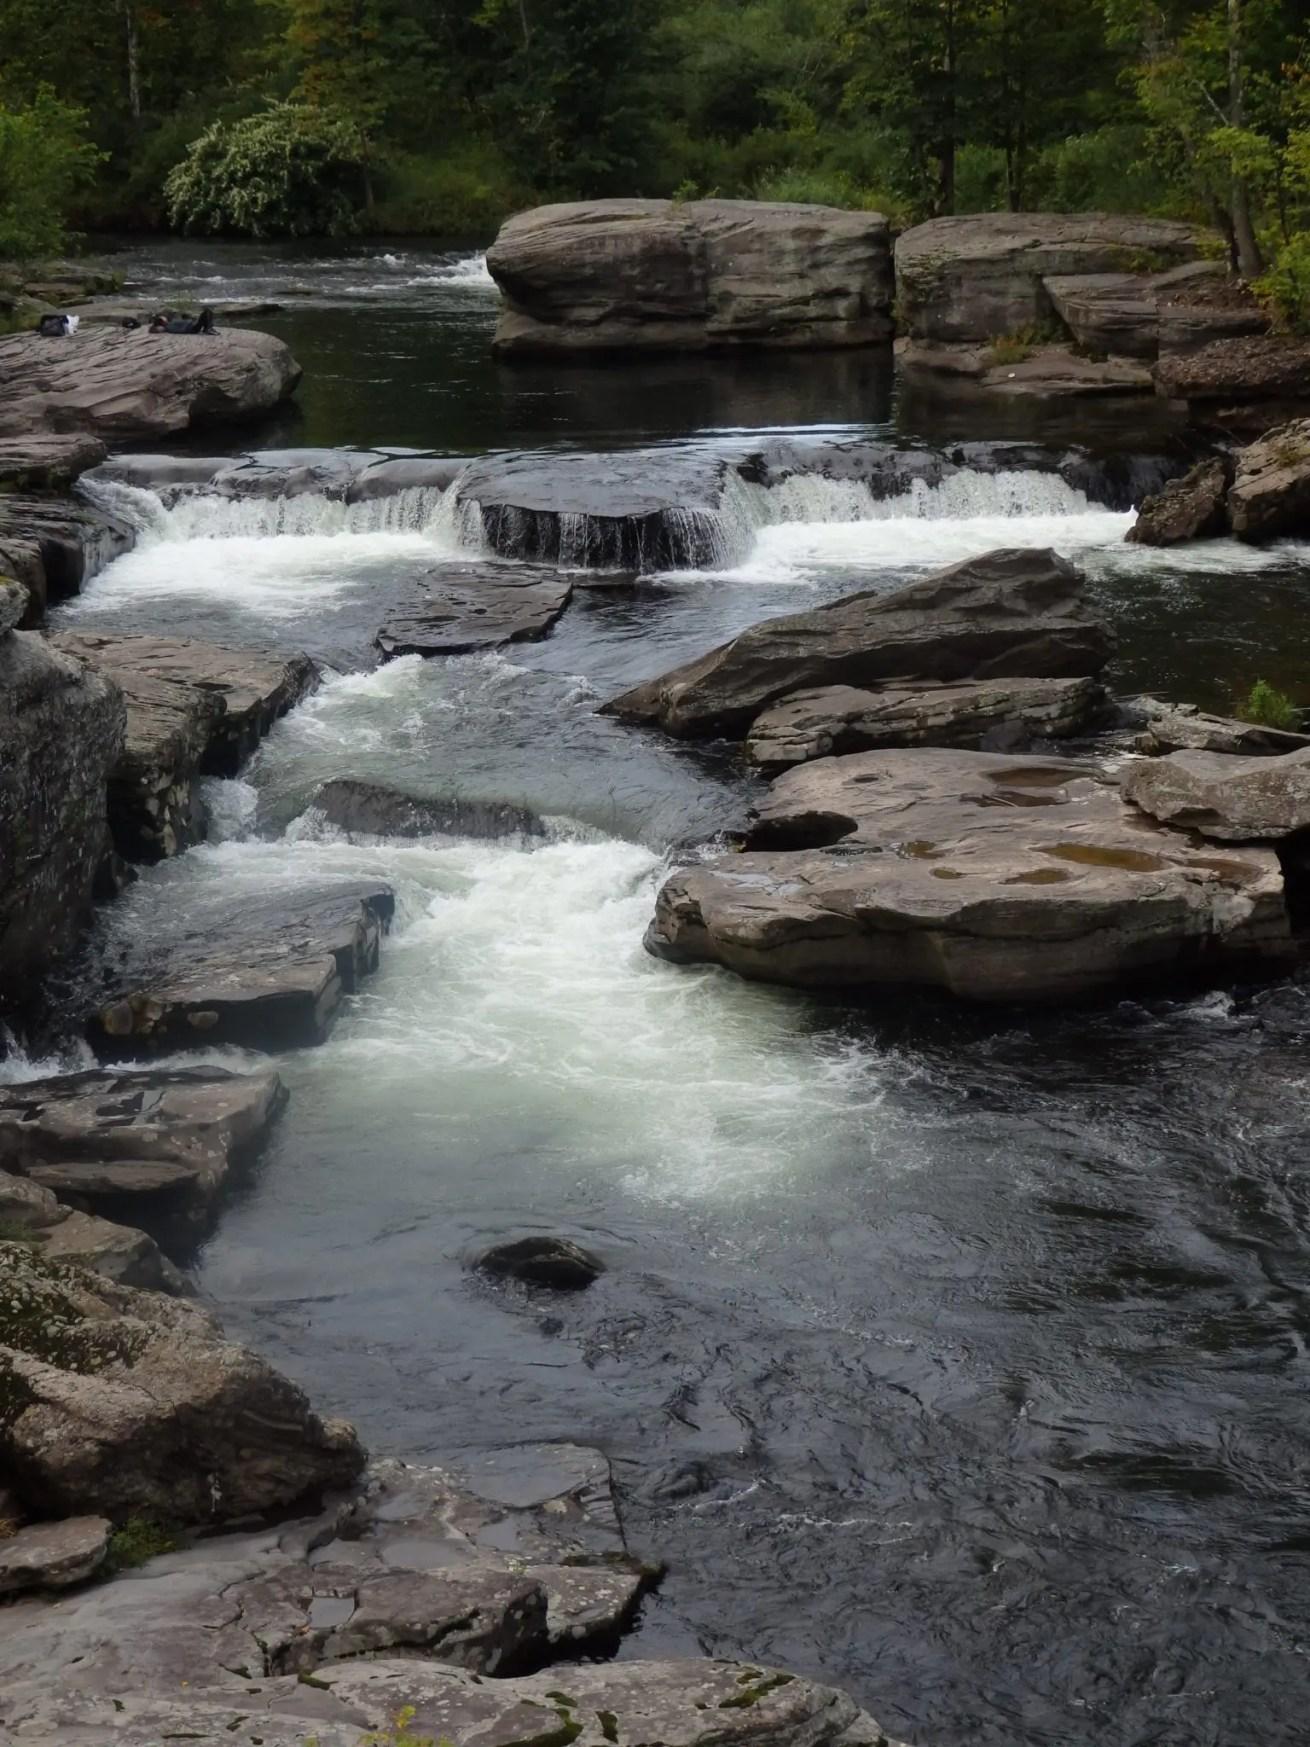 Fallsburg Falls - Fallsburg | Dig The Falls